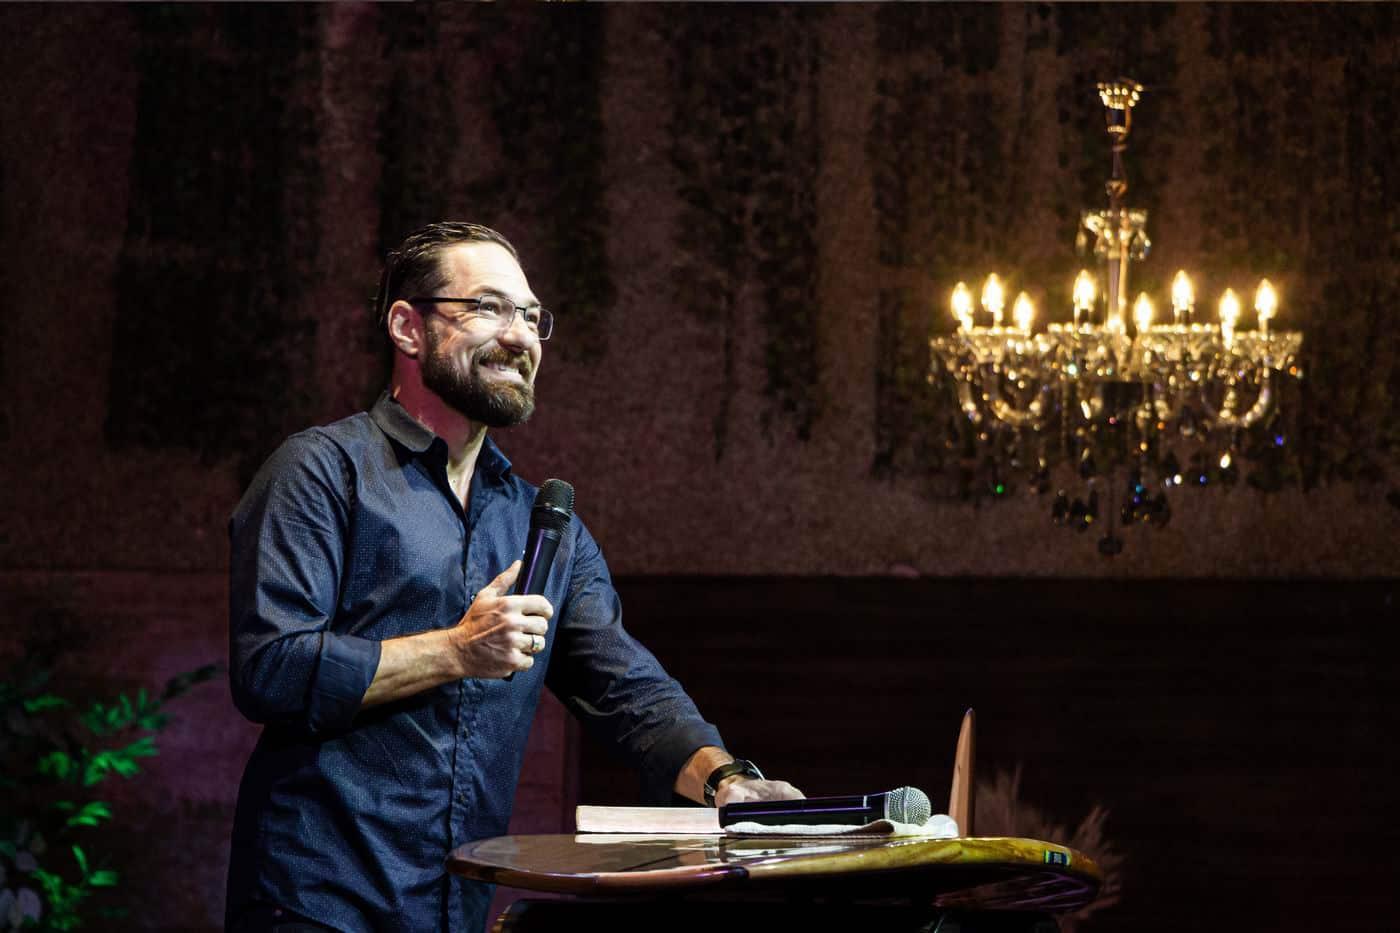 Fé Inteligente - Novo livro do Pastor Eric Vianna, da Igreja Bola de Neve